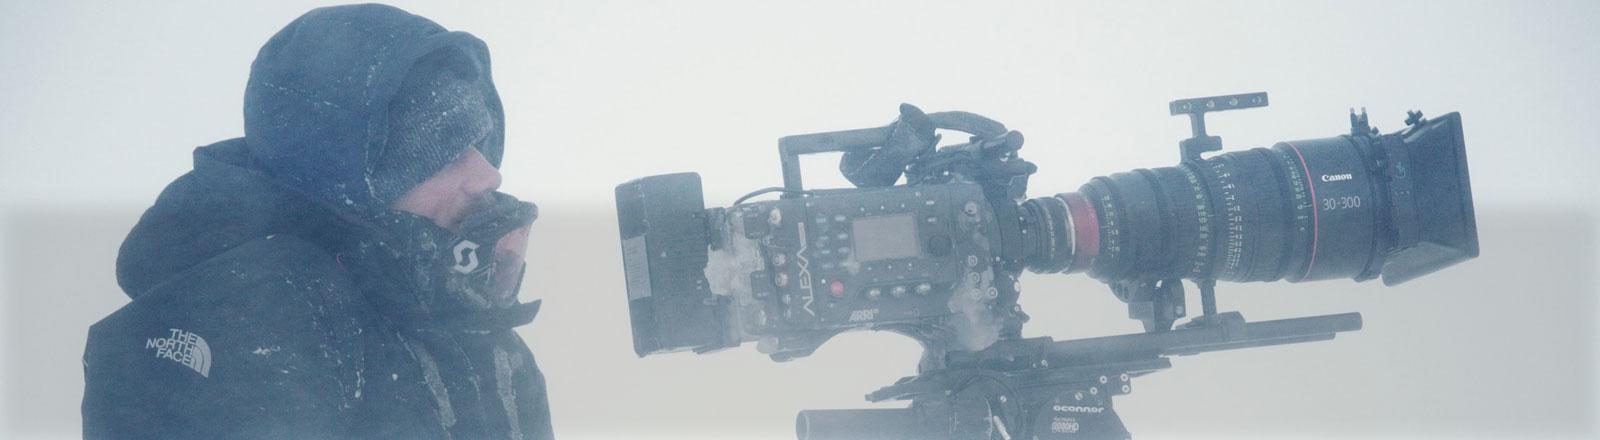 Rolf Steinmann in der Kälte vor einer Filmkamera.